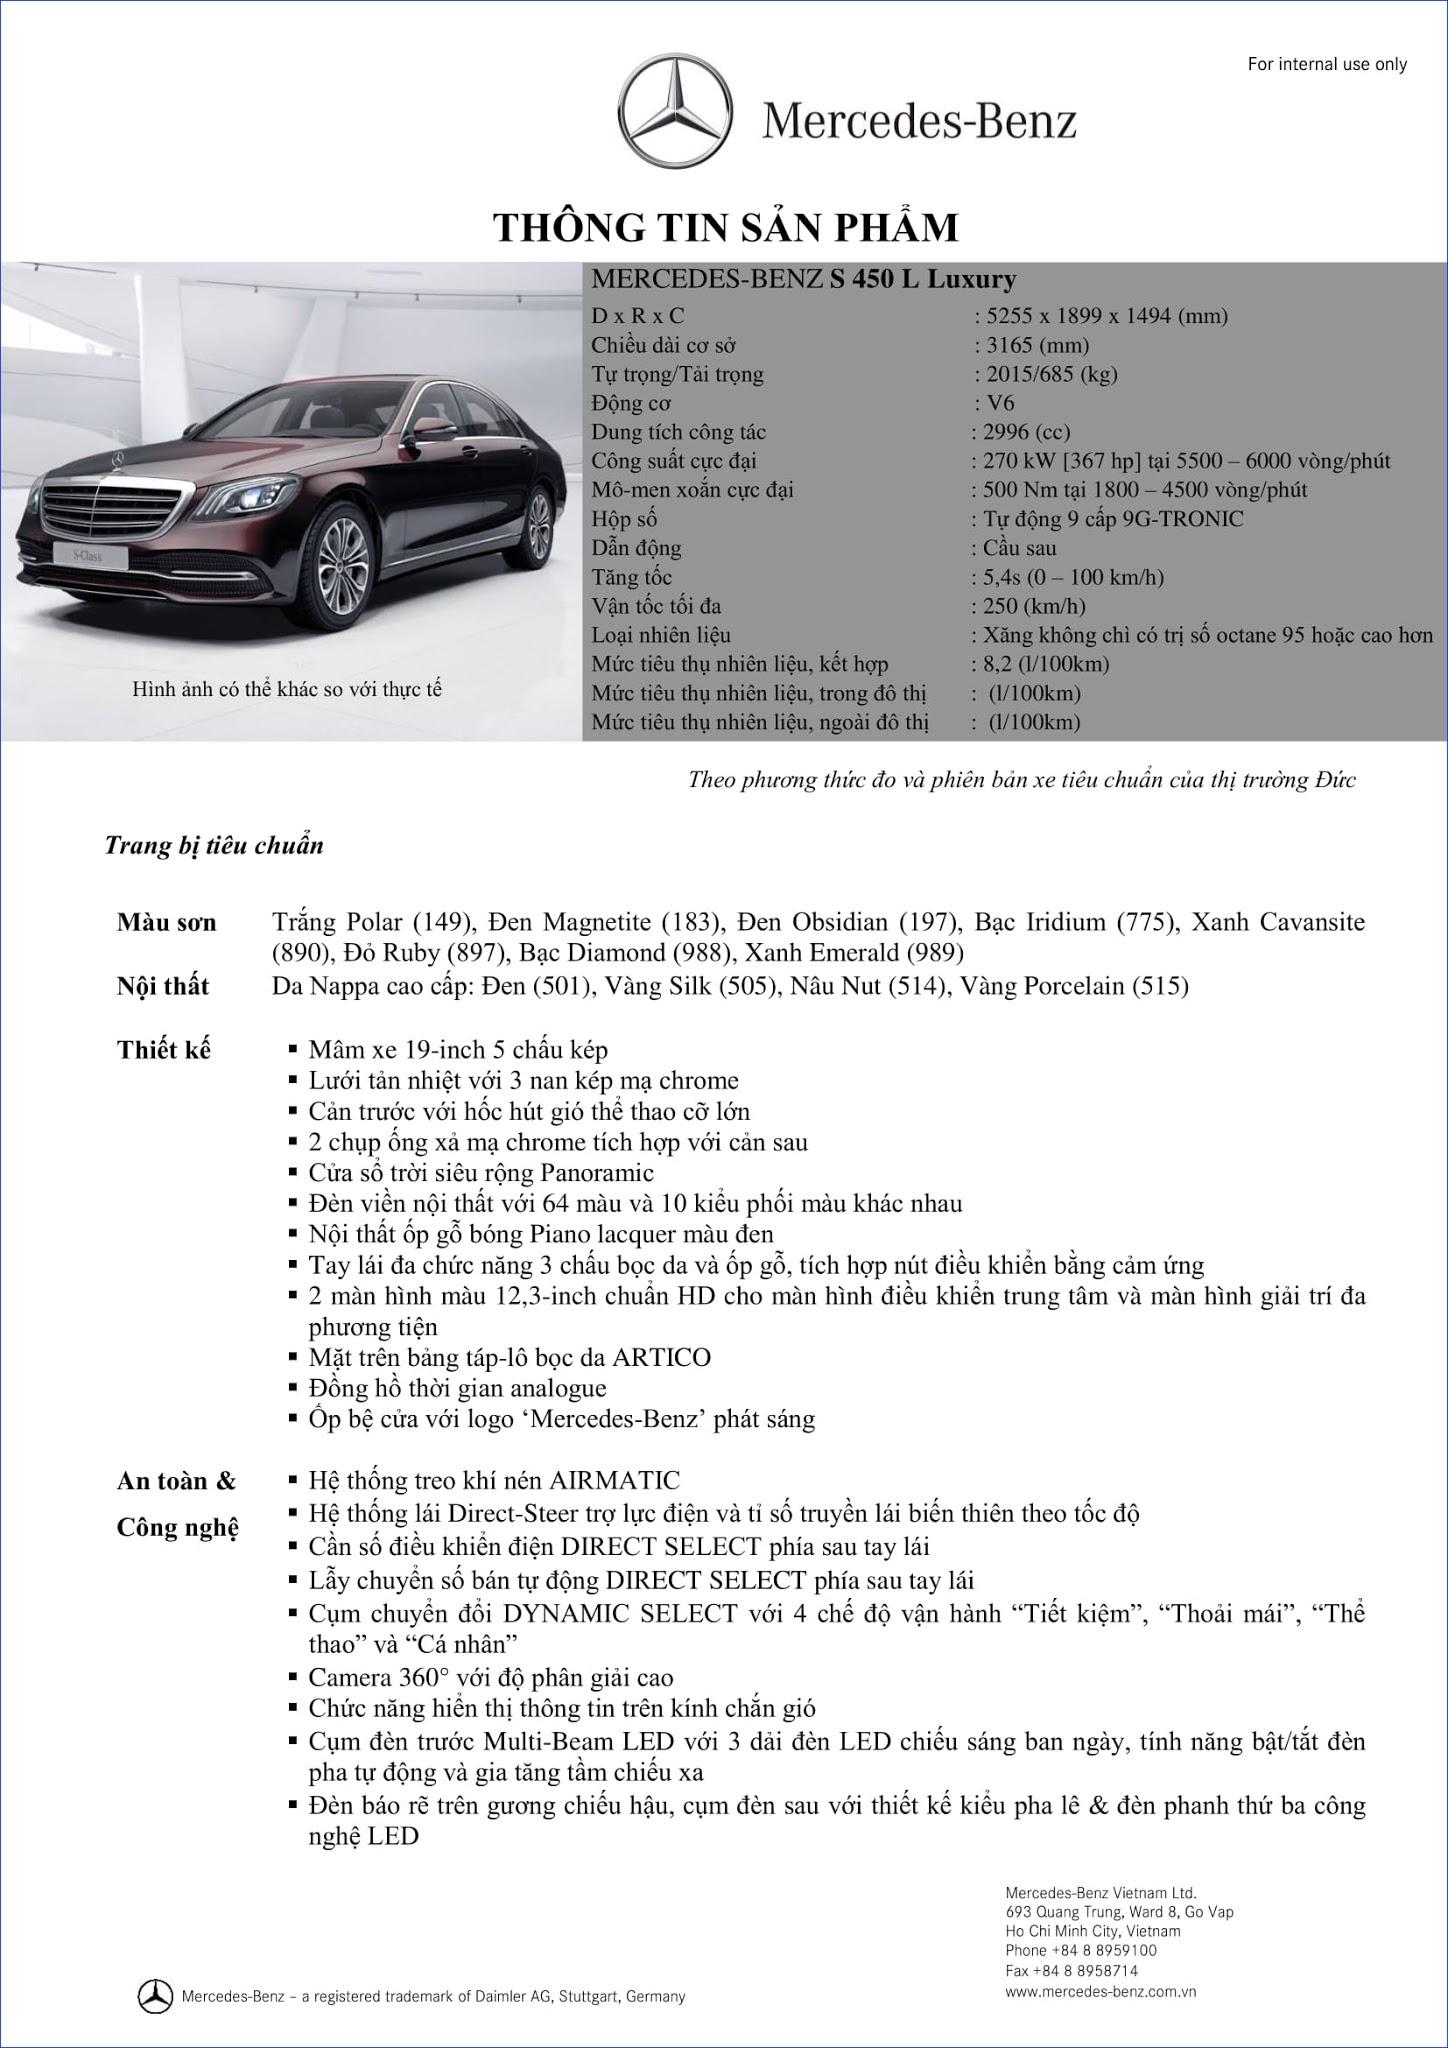 Bảng thông số kỹ thuật Mercedes S450 L Luxury 2019 tại Mercedes Trường Chinh